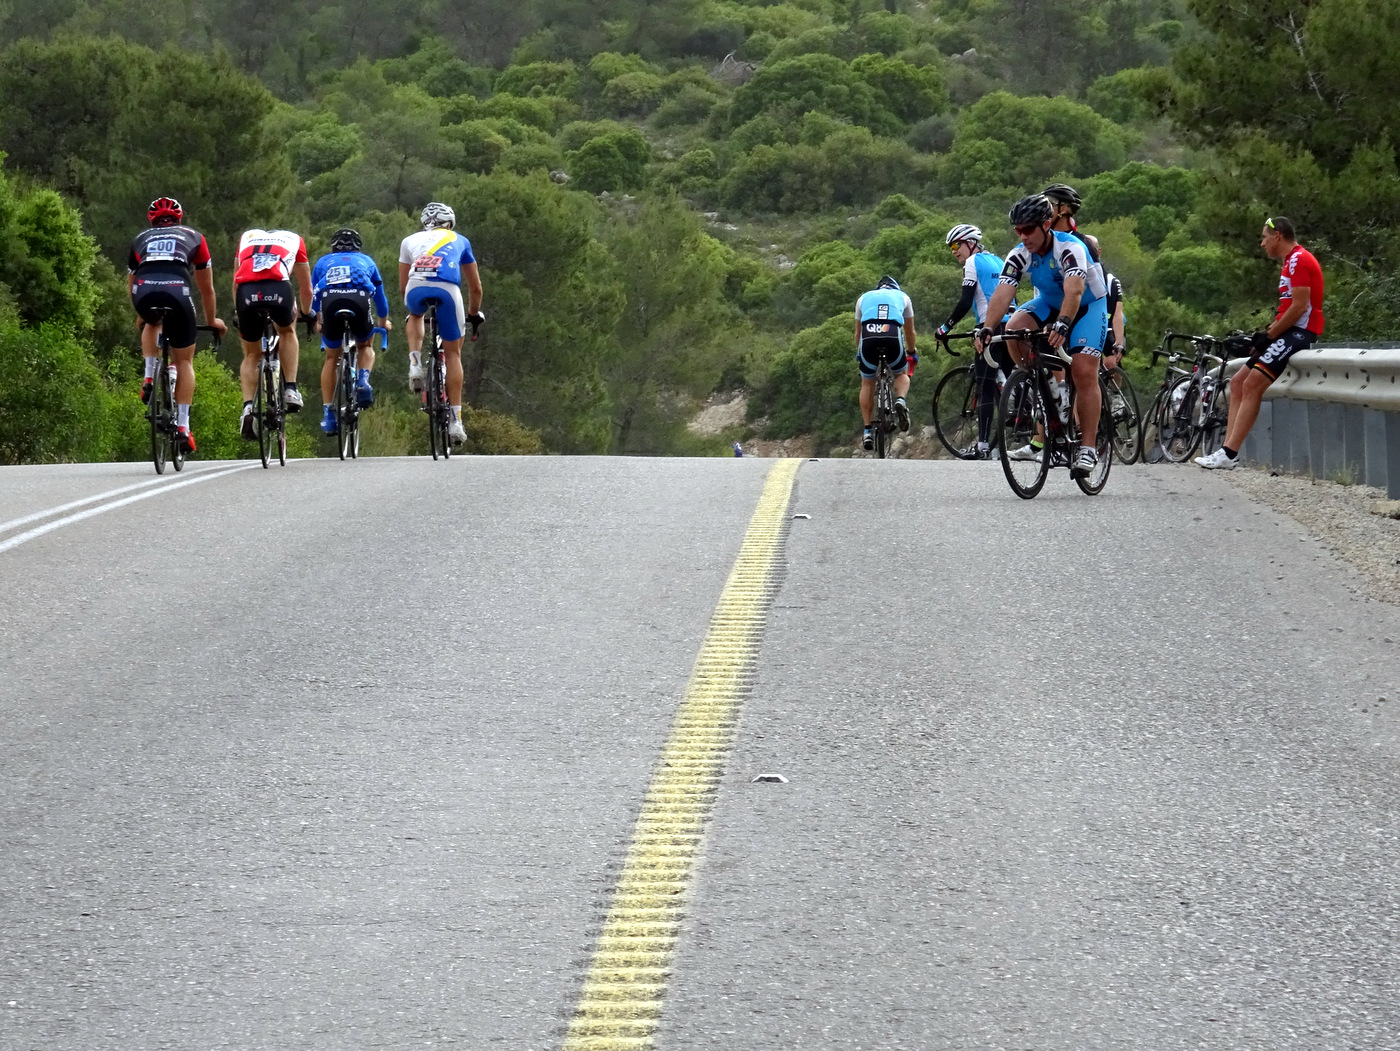 על האלפ דואז המקומי - ואפילו היו רוכבים שבאו לעודד!